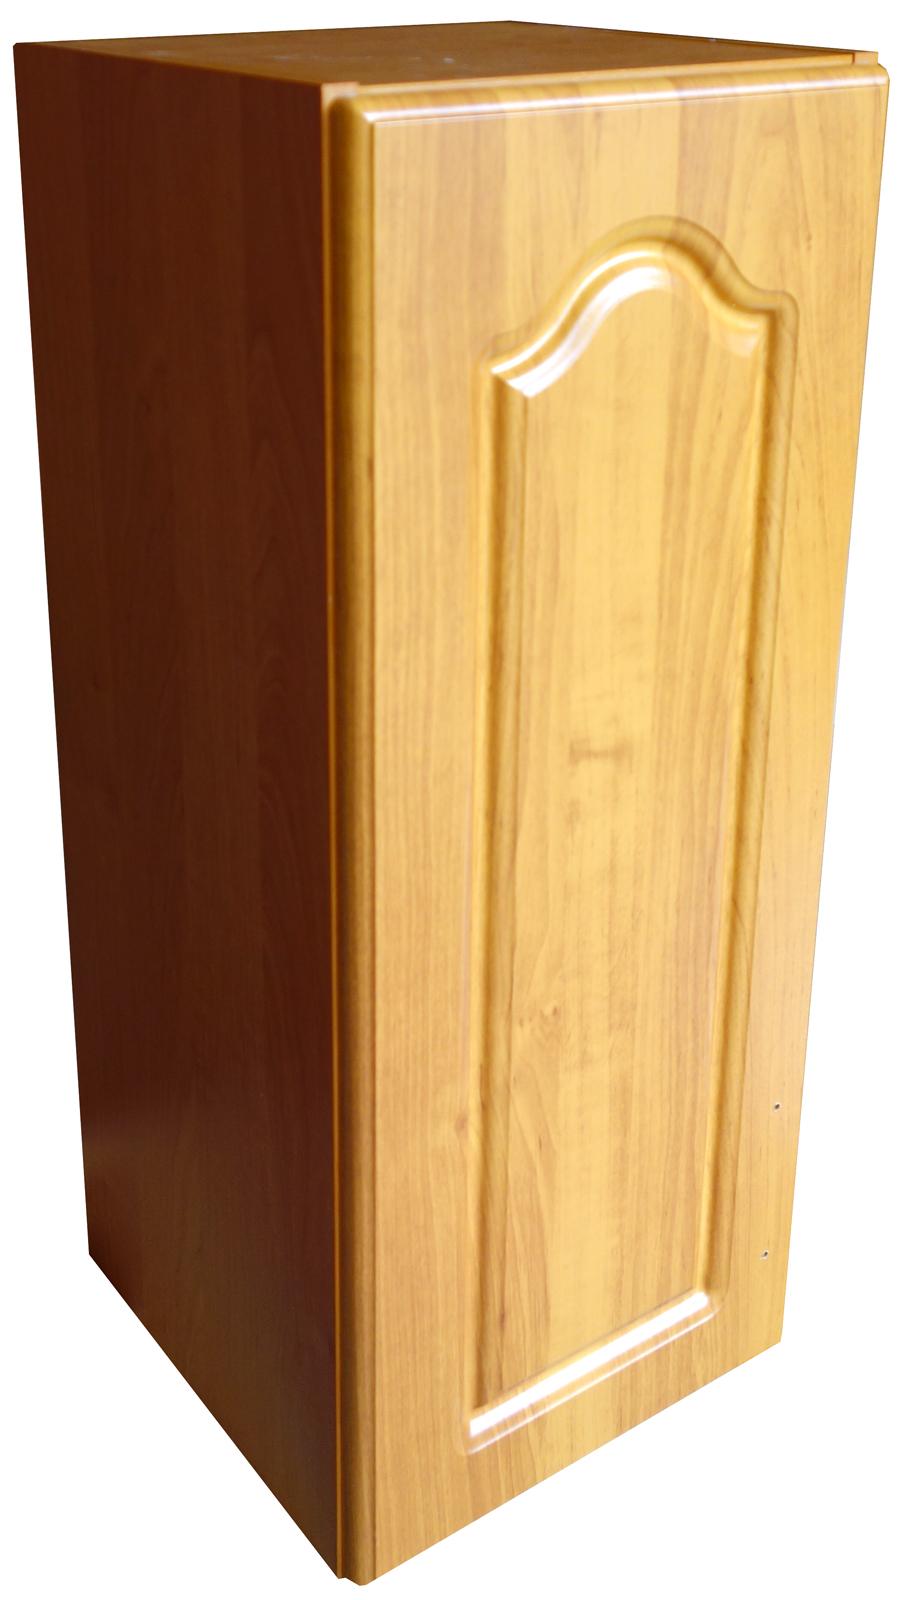 Horní kuchyňská skříňka 30 cm levá - výprodej